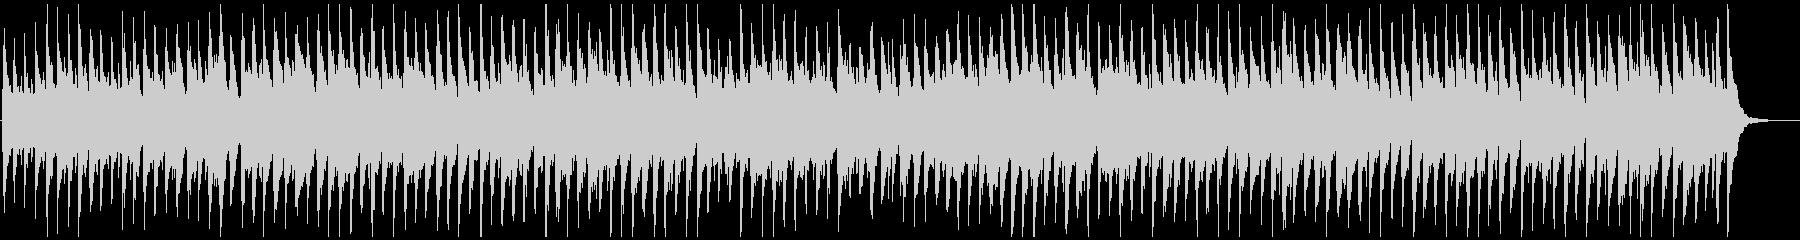 コロコロとした跳ねるリズムのウクレレ曲の未再生の波形